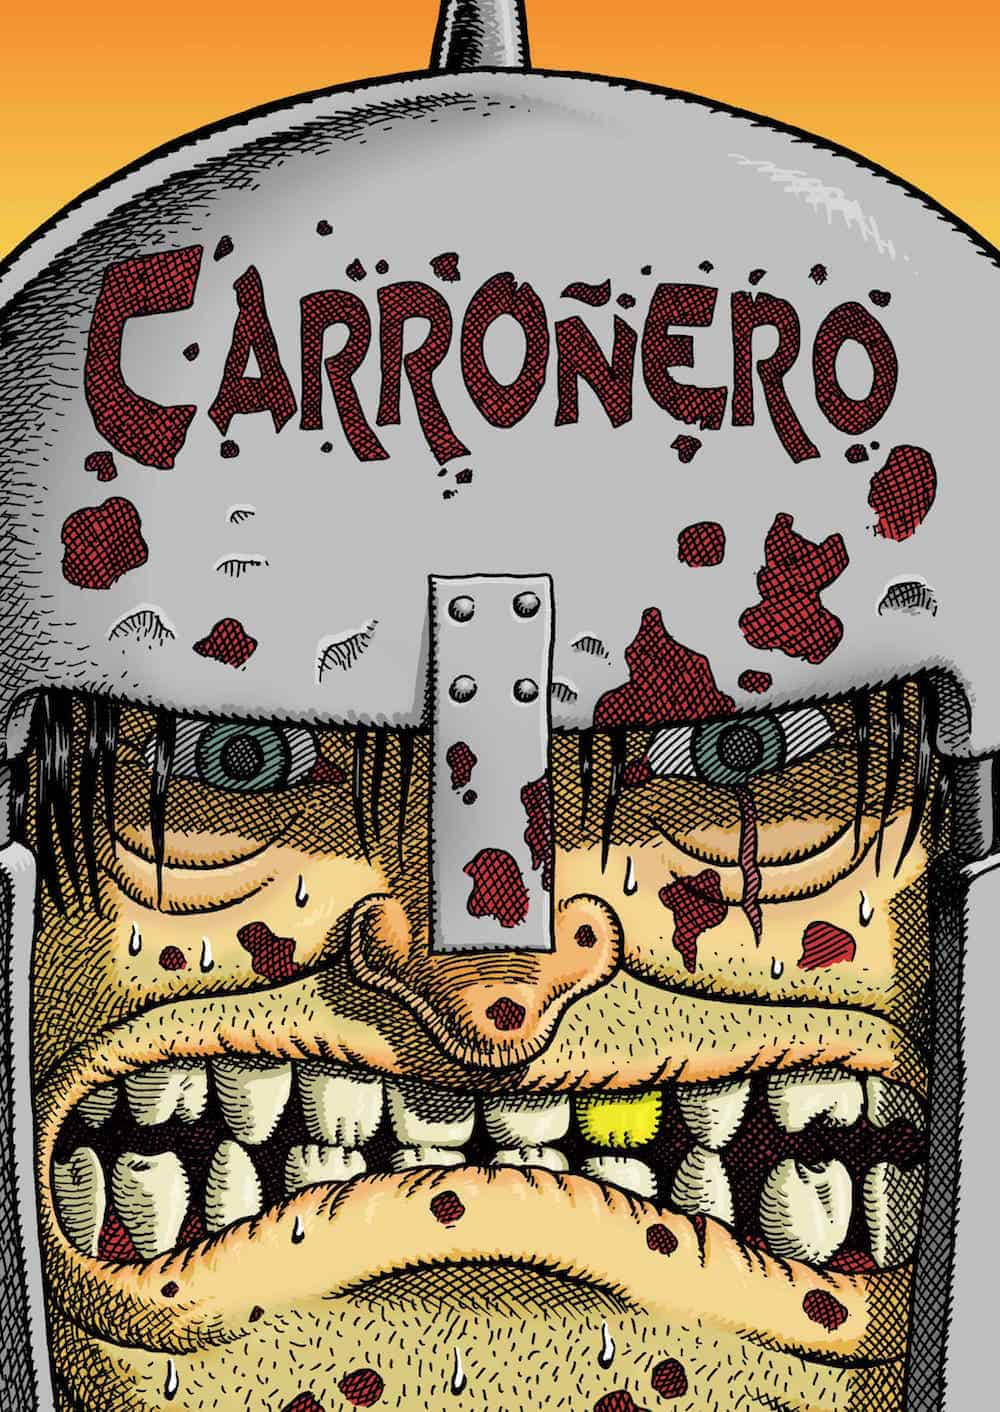 CARROÑERO